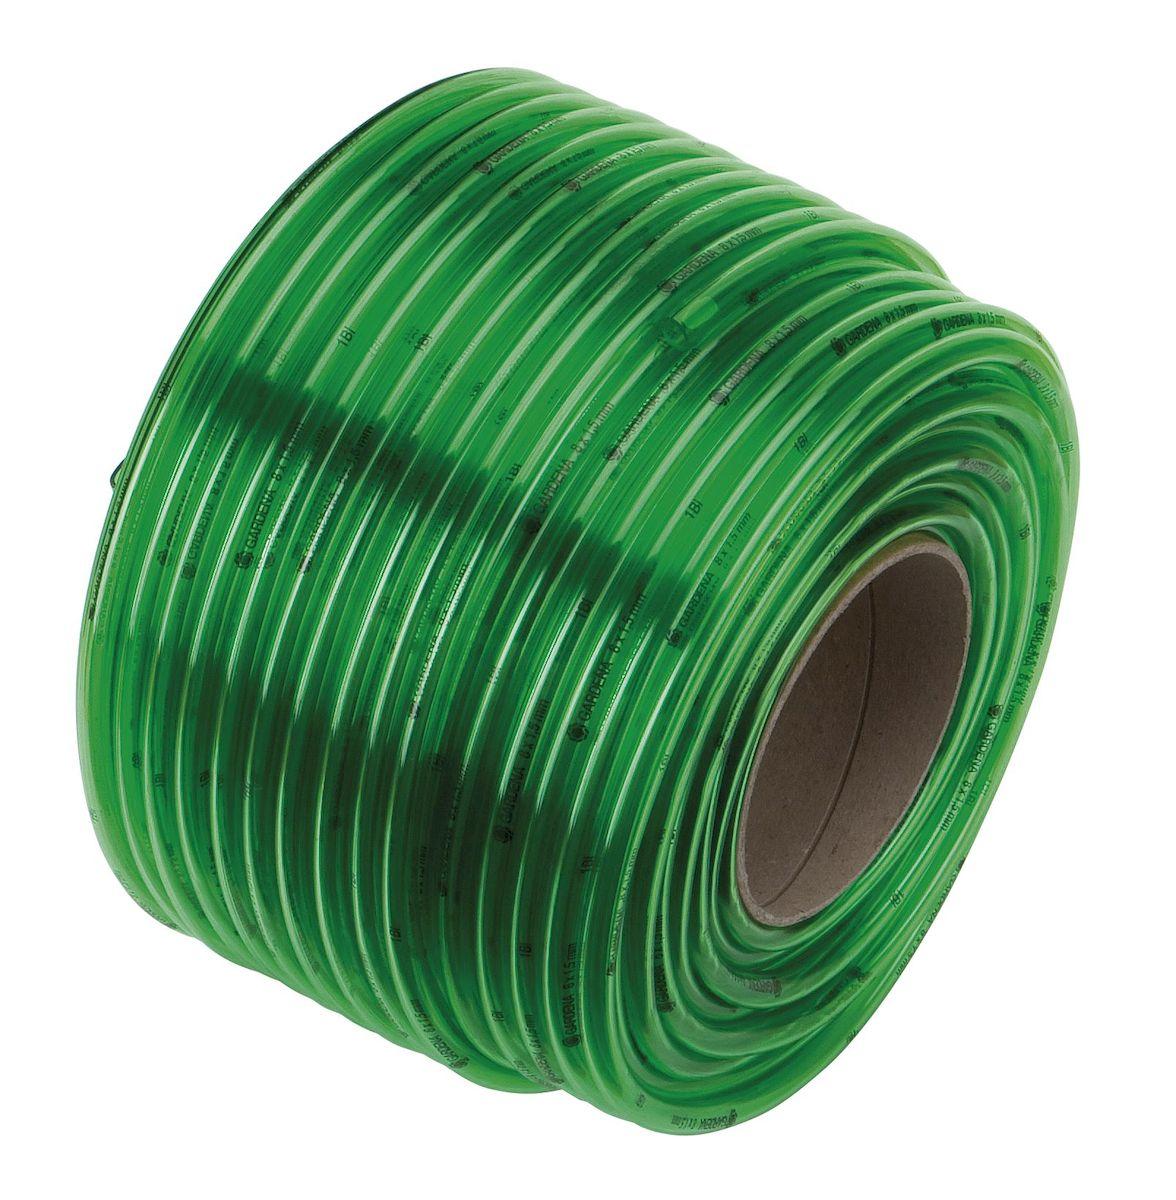 Gardena Шланг прозрачный зеленый 8х1,5 мм x 1 м (в бухте 80 м)